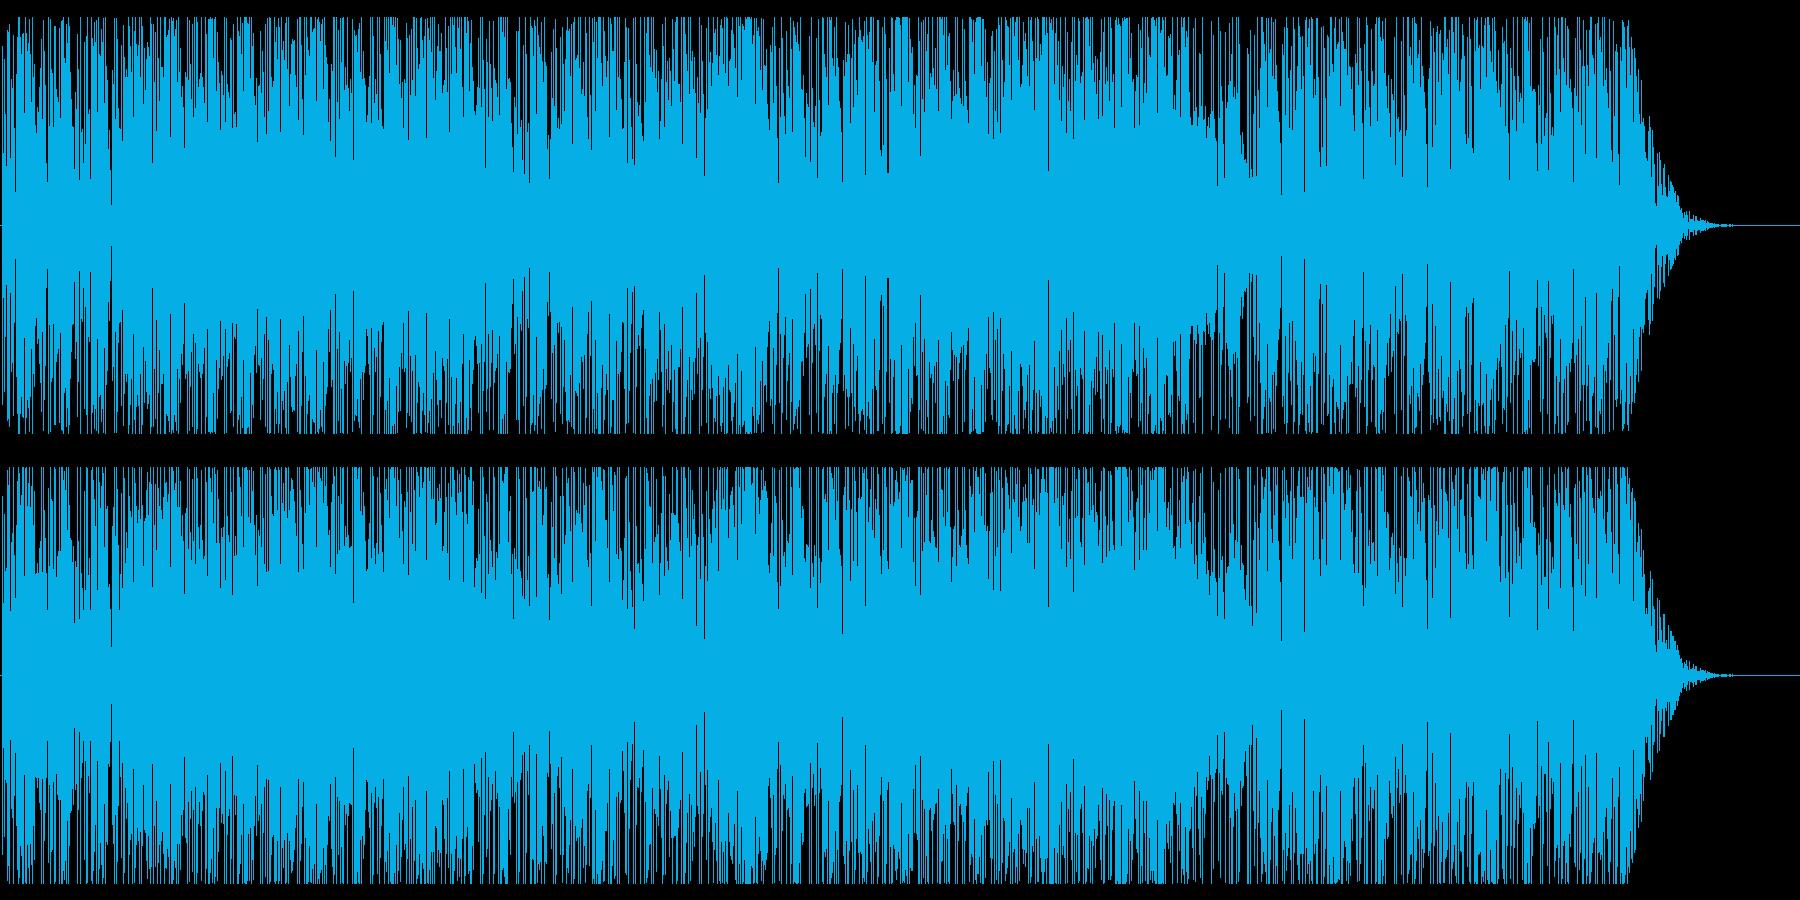 モダンでお洒落なファンク風ダンス曲の再生済みの波形